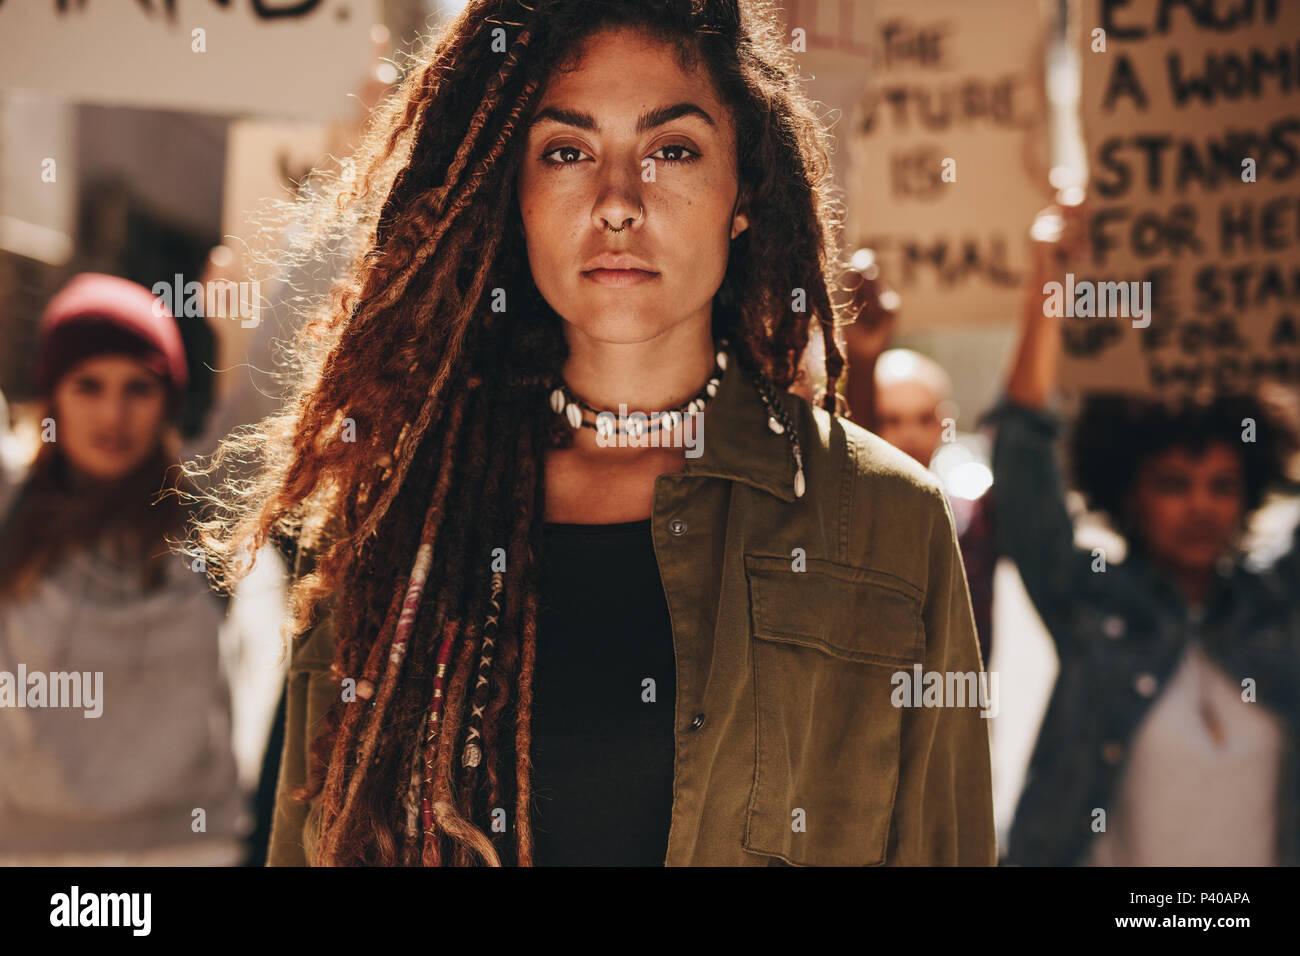 Femme debout à l'extérieur en face de manifestants sur la route. Les femmes qui protestaient avec groupe de militants à l'extérieur. Photo Stock